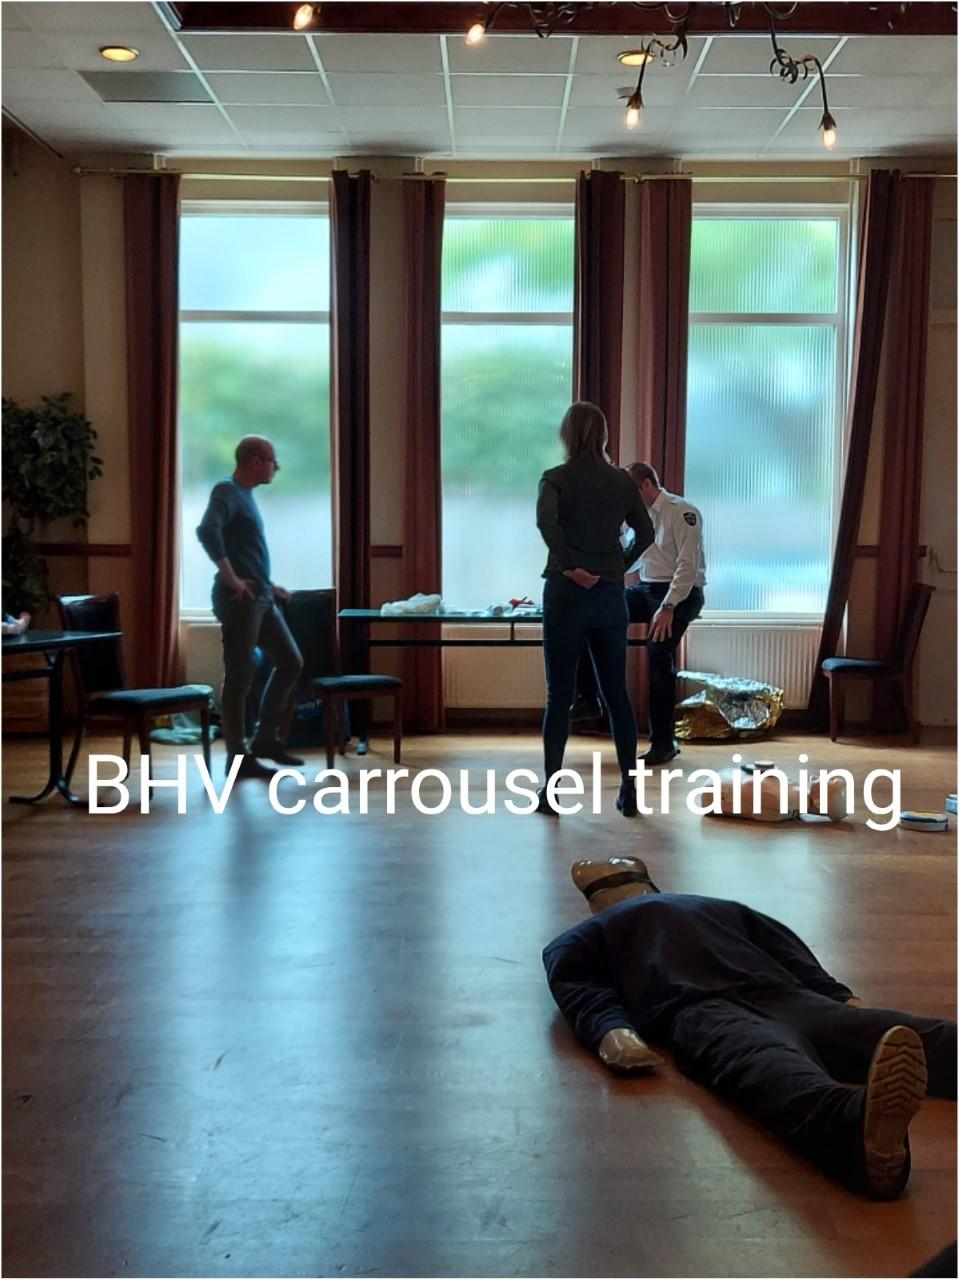 bhv carrousel training